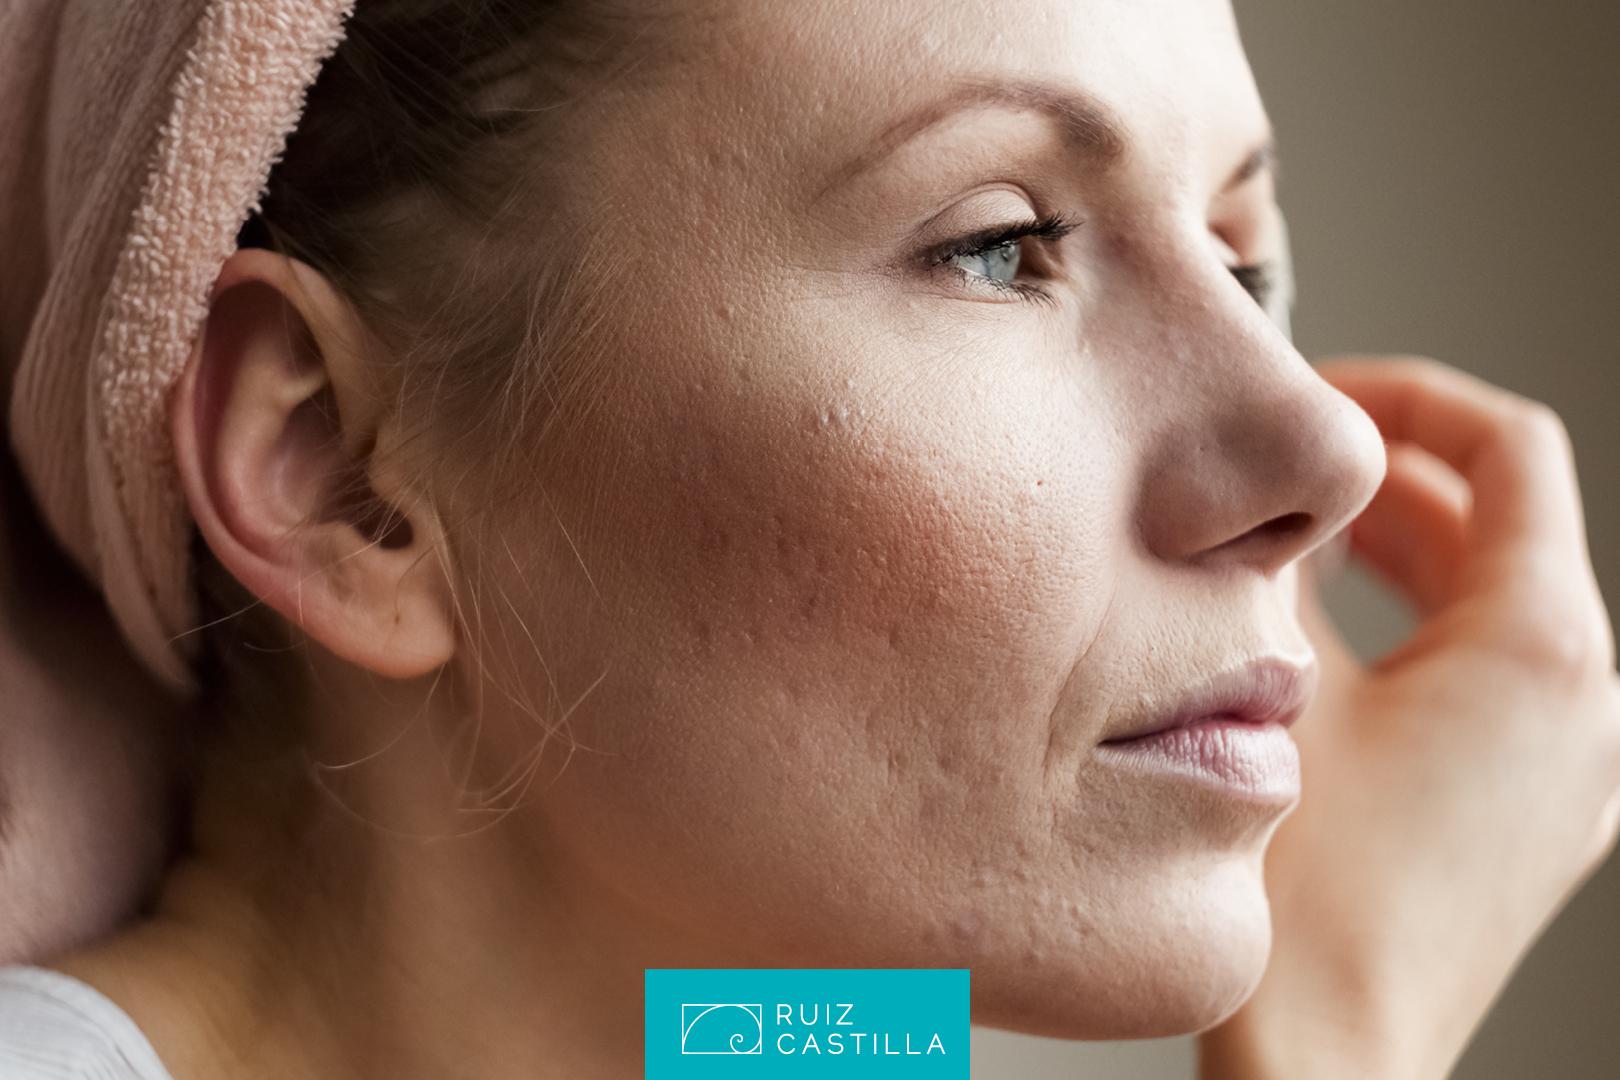 acido glicolico para cicatrices acne